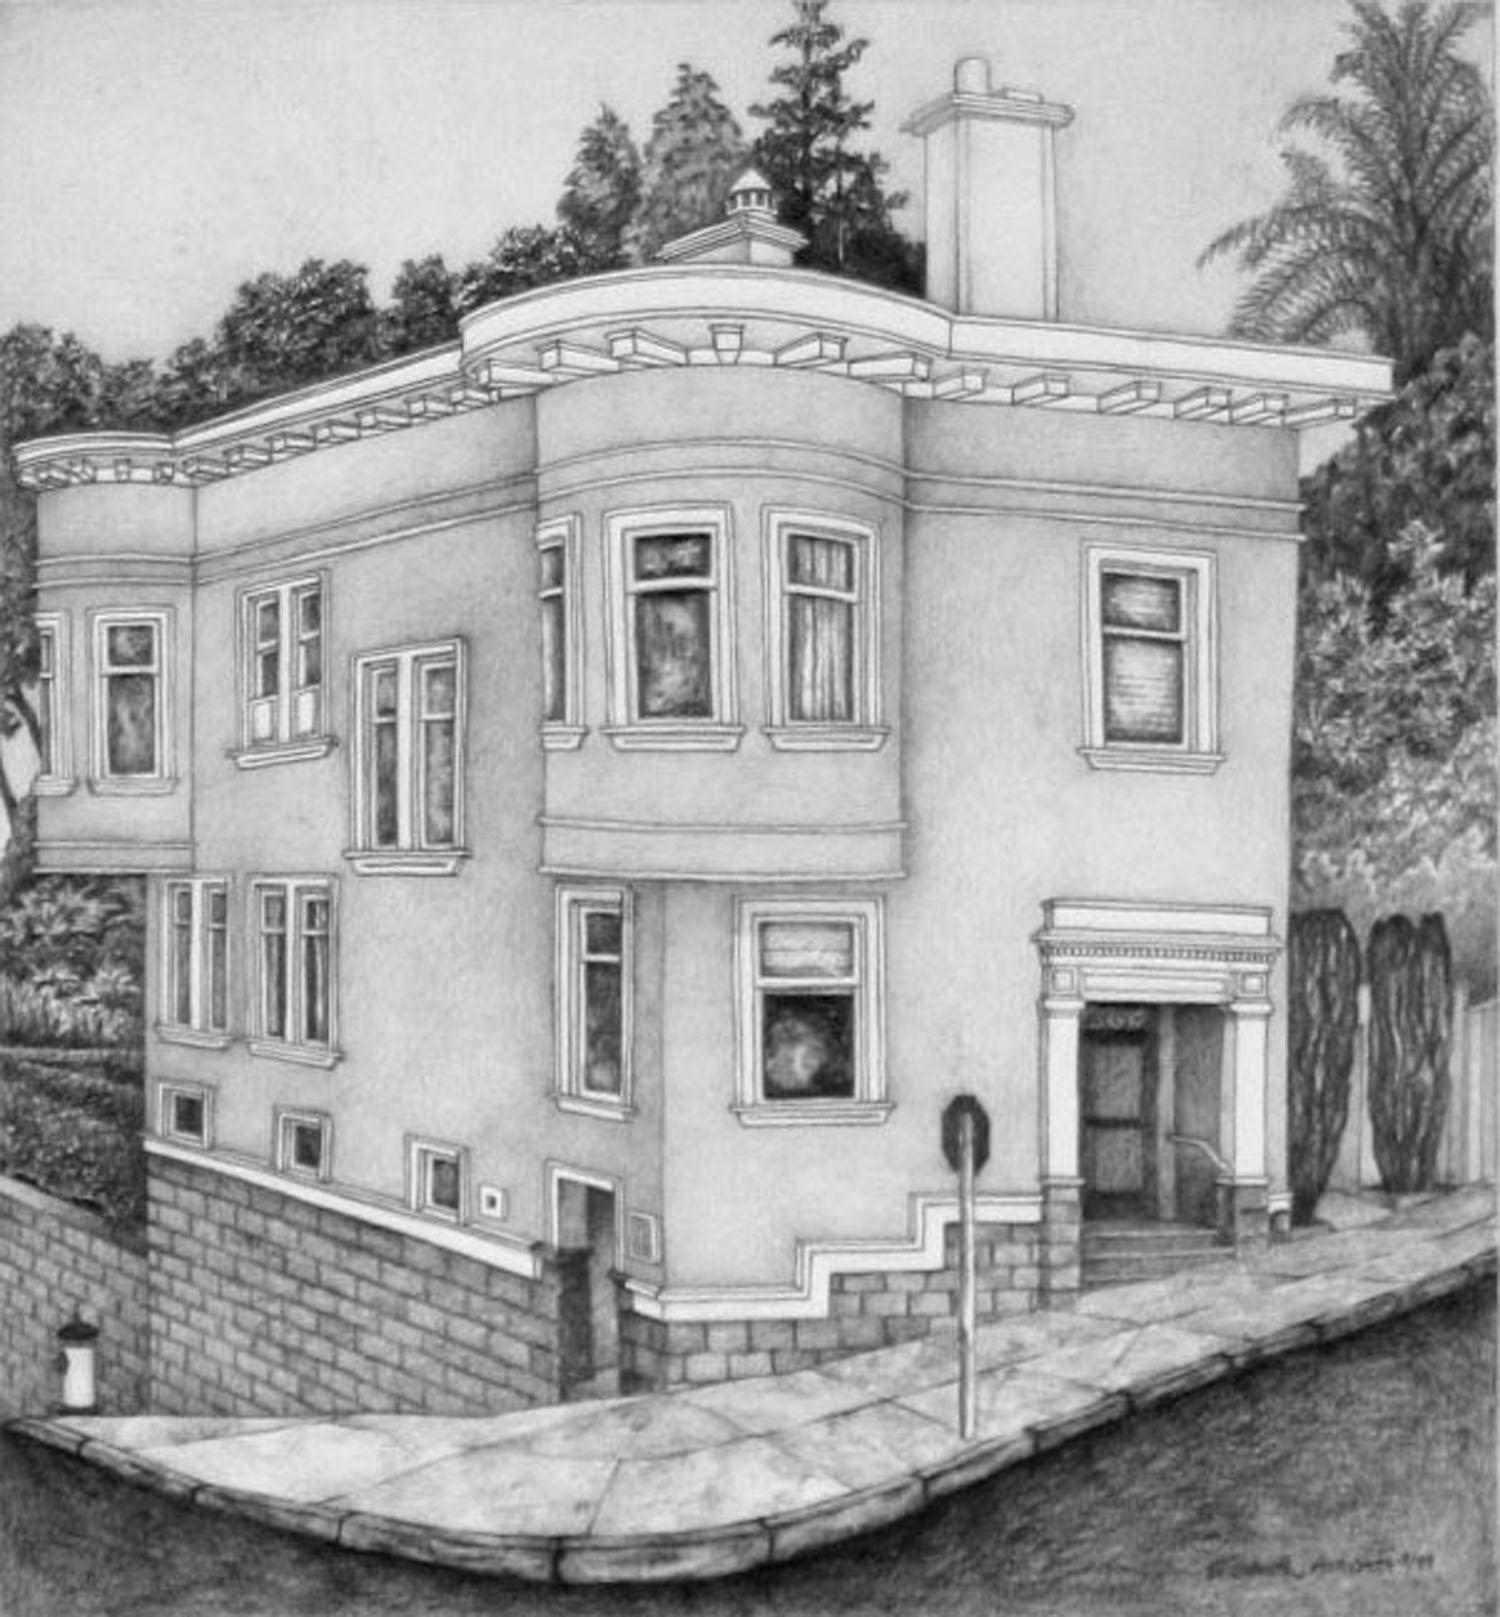 Fay House by Elizabeth Ashcroft